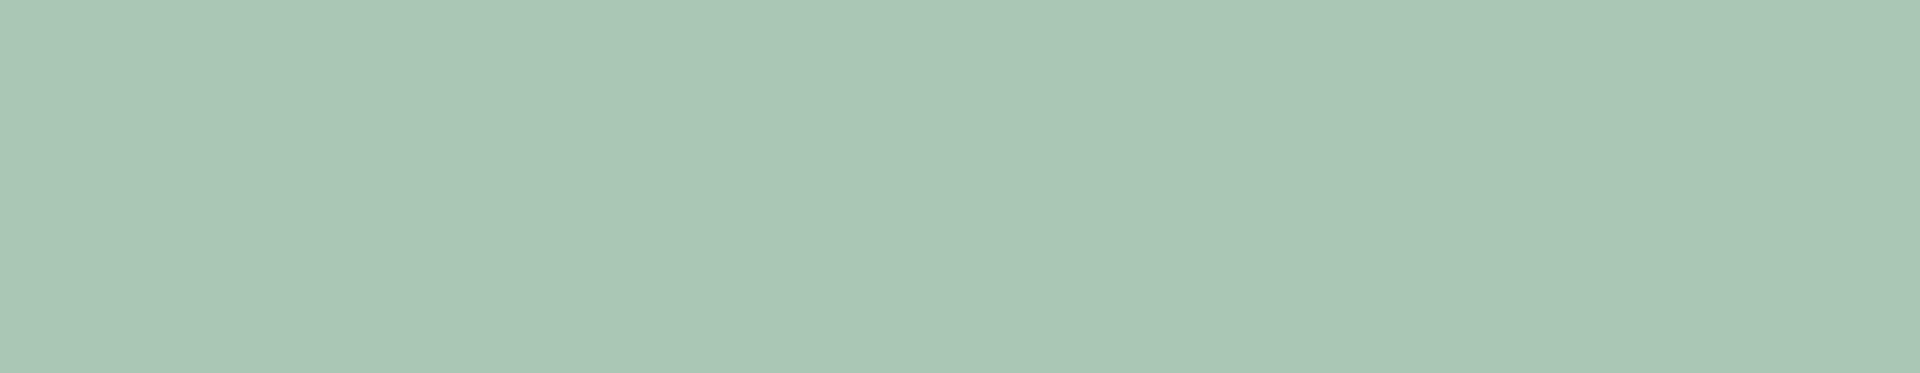 Green line divider image